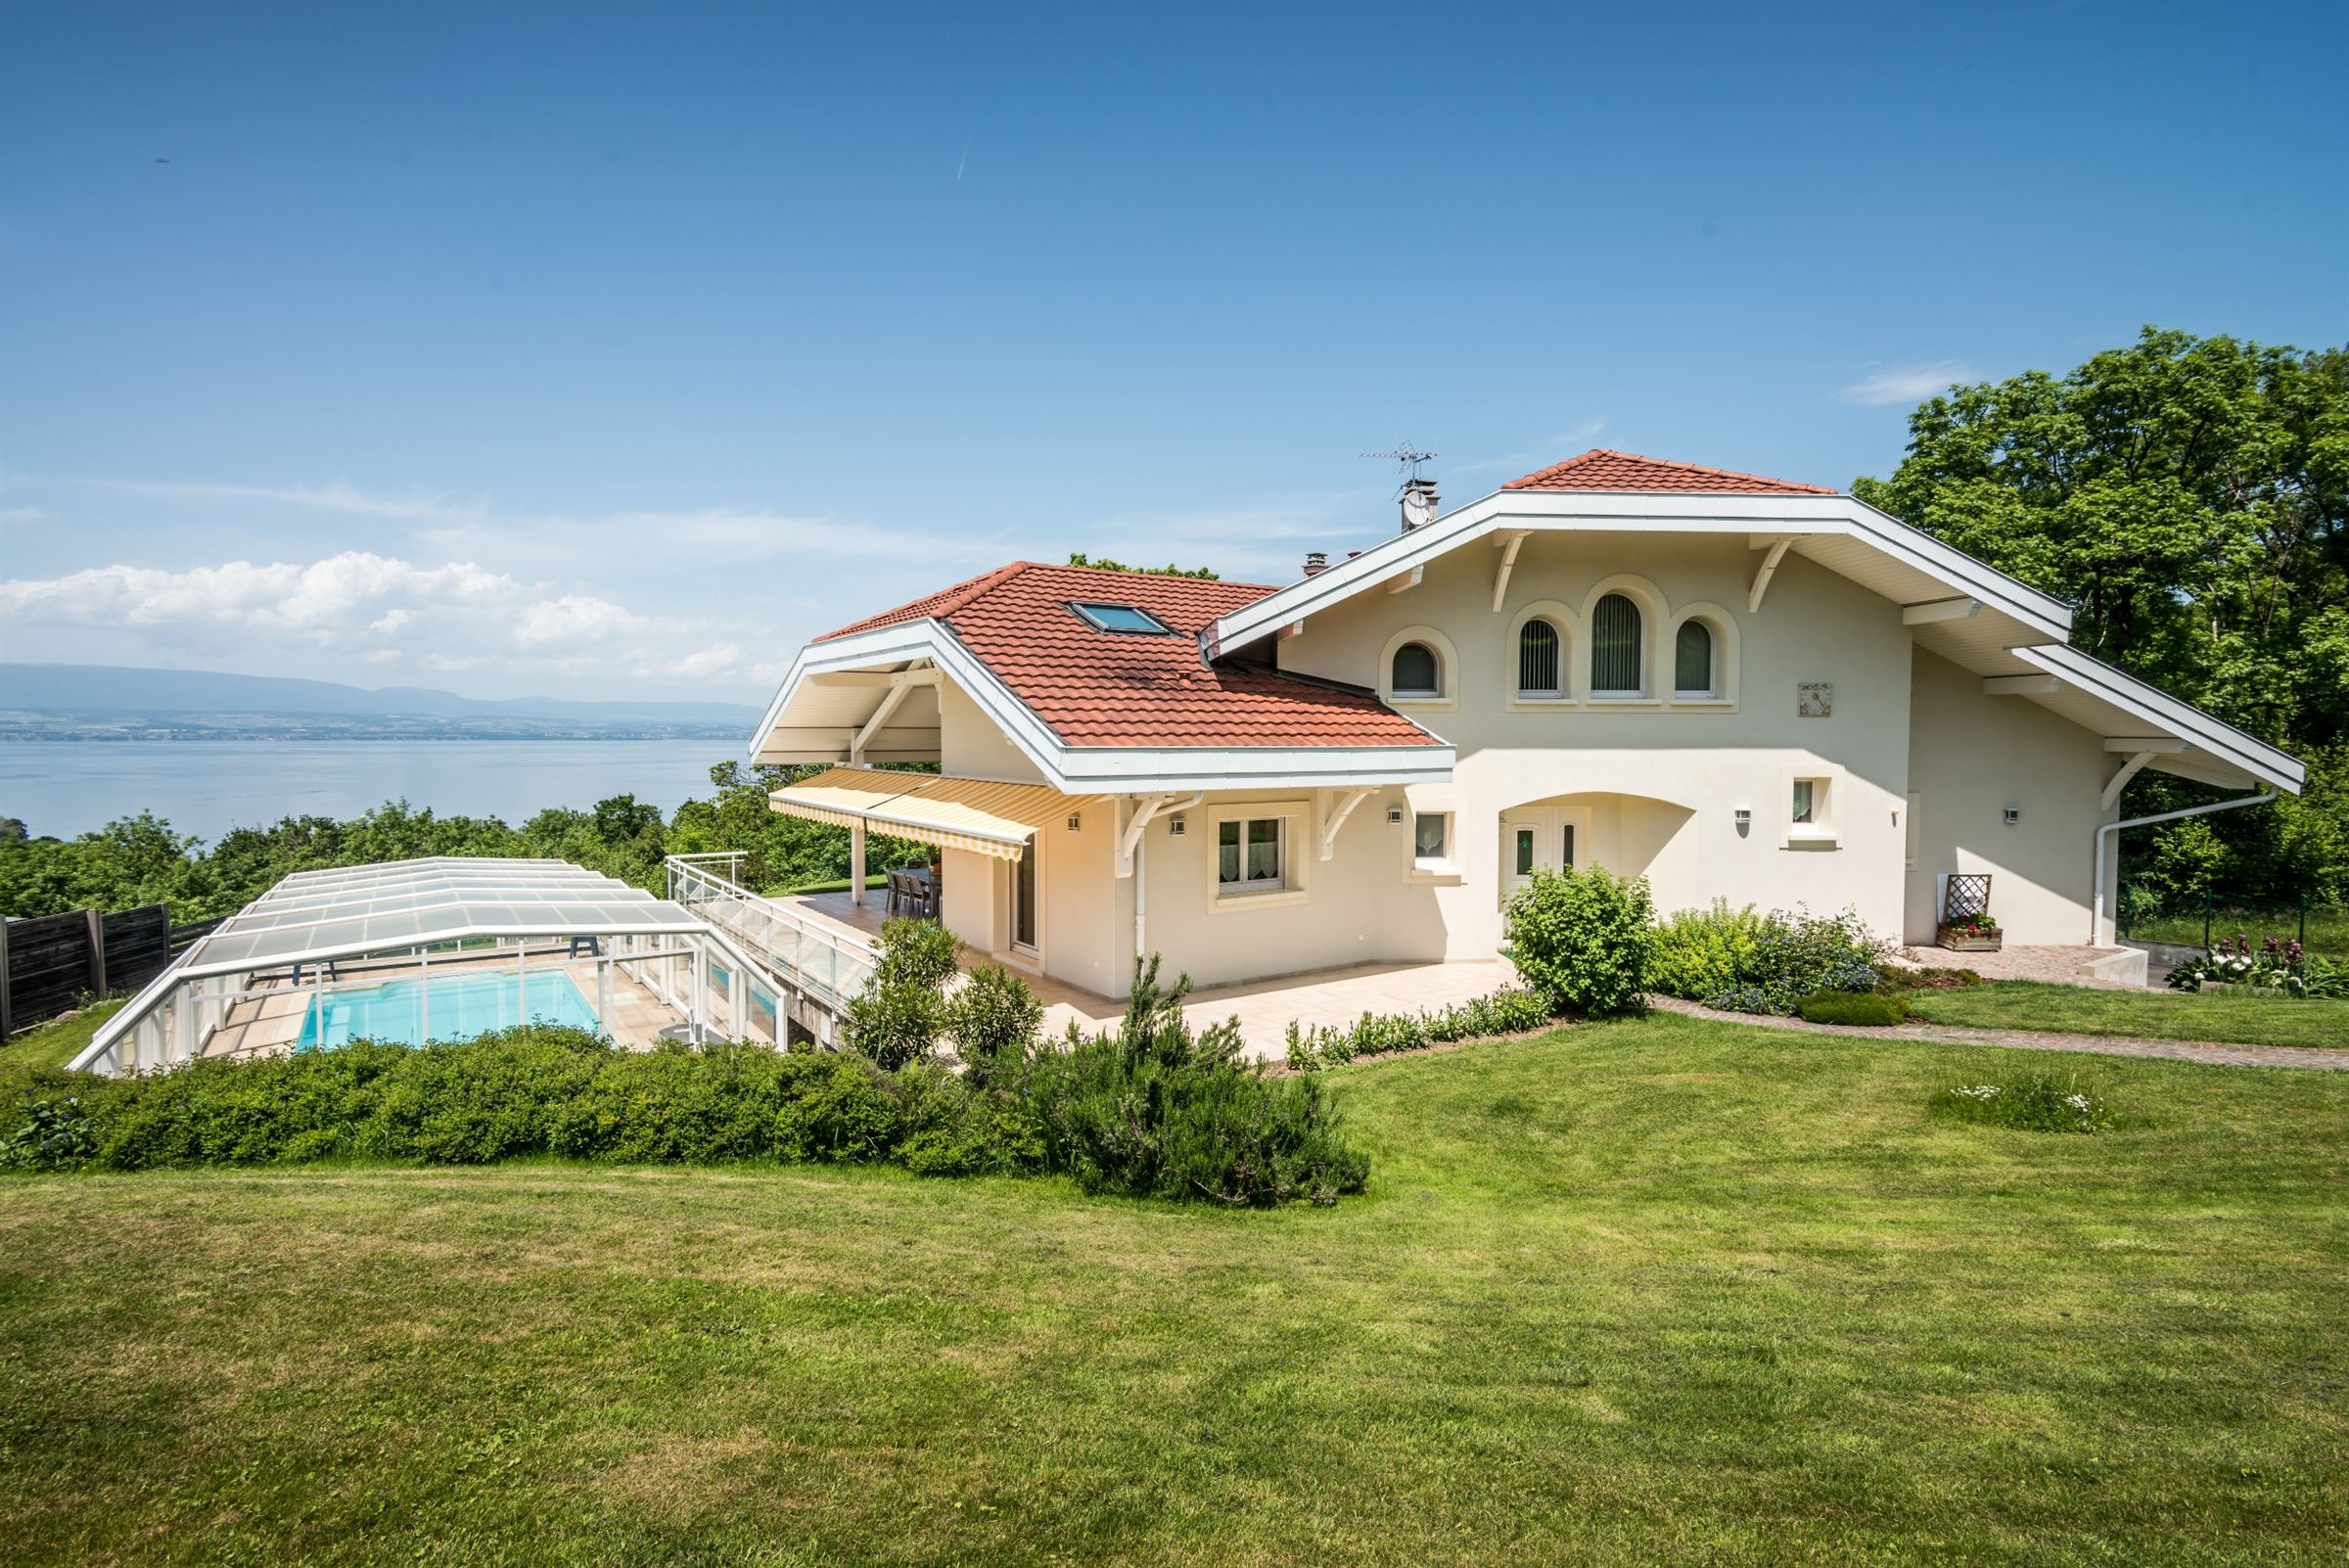 独户住宅 为 销售 在 PUBLIER : NICE VILLA LAKE VIEW Publier, 罗纳阿尔卑斯, 74500 法国